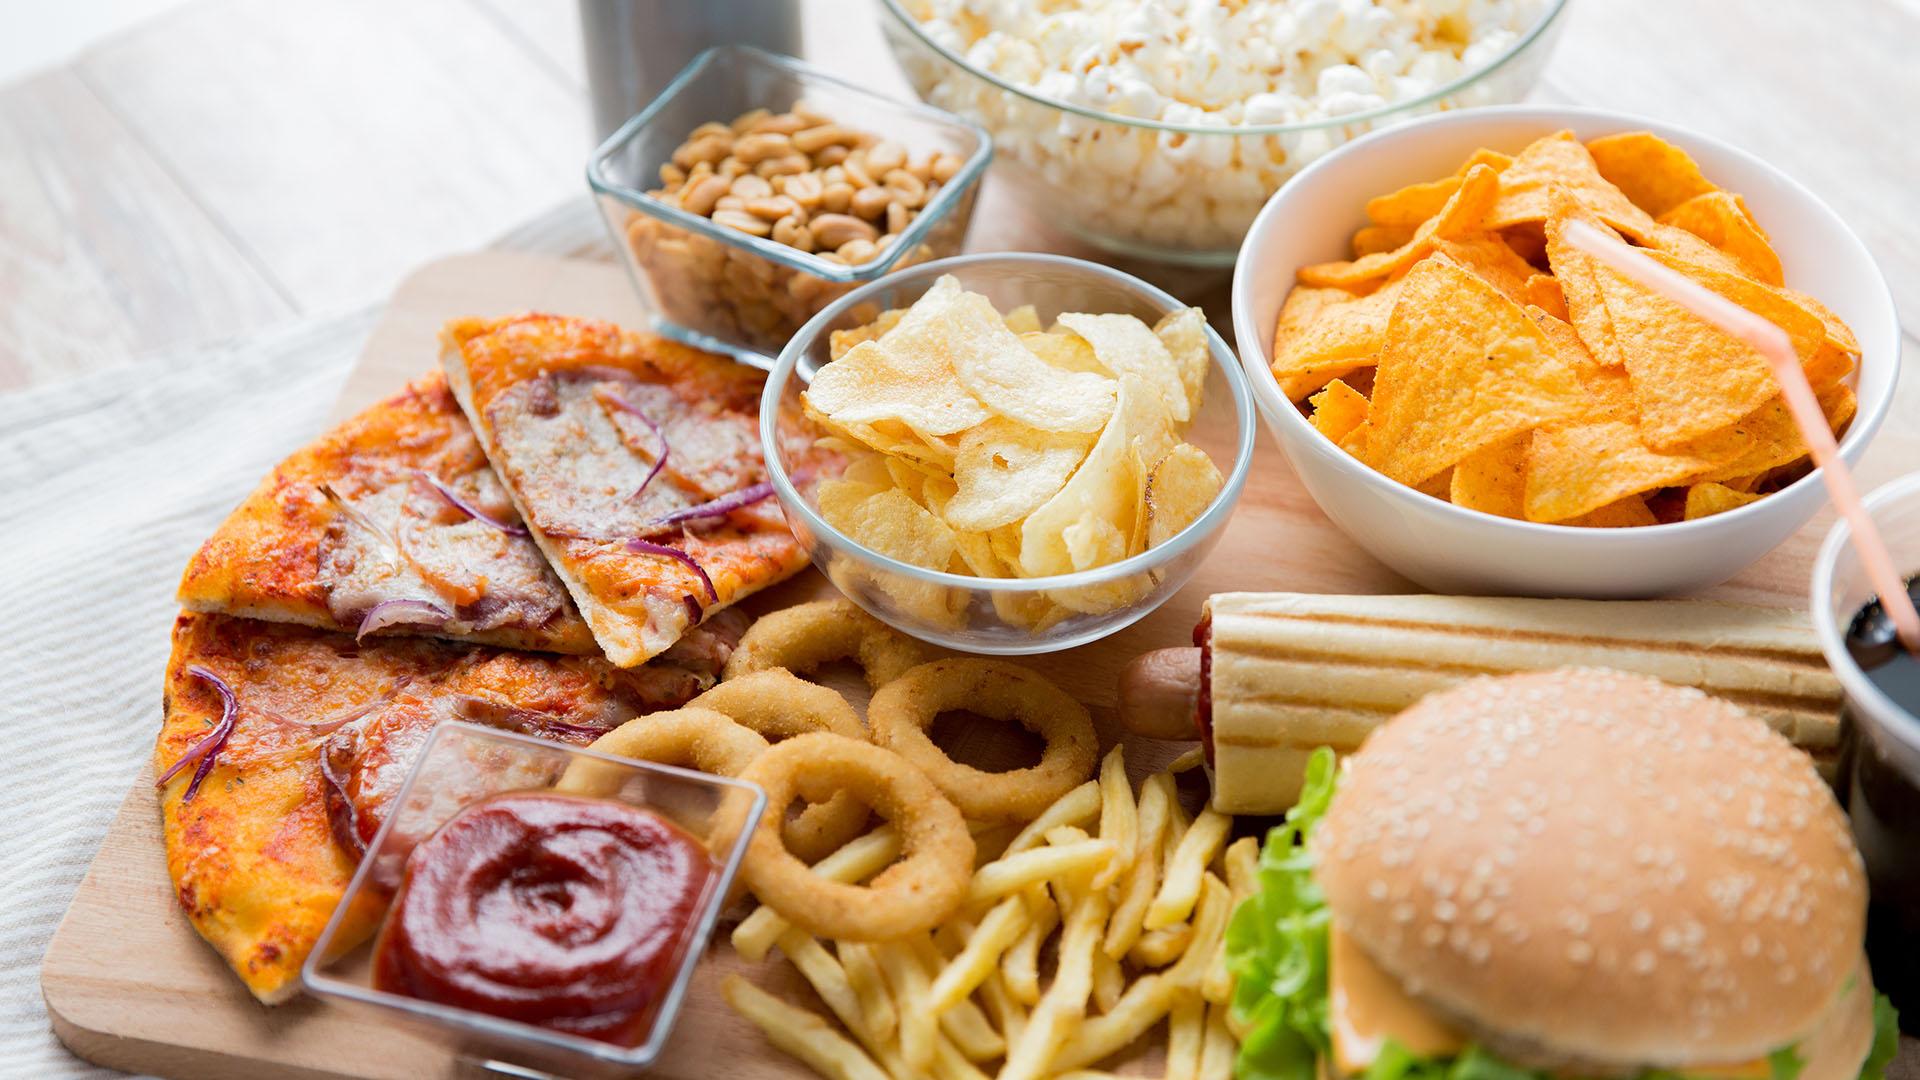 El 60% de los adultos prefiere una alimentación basada en snacks (Shutterstock)